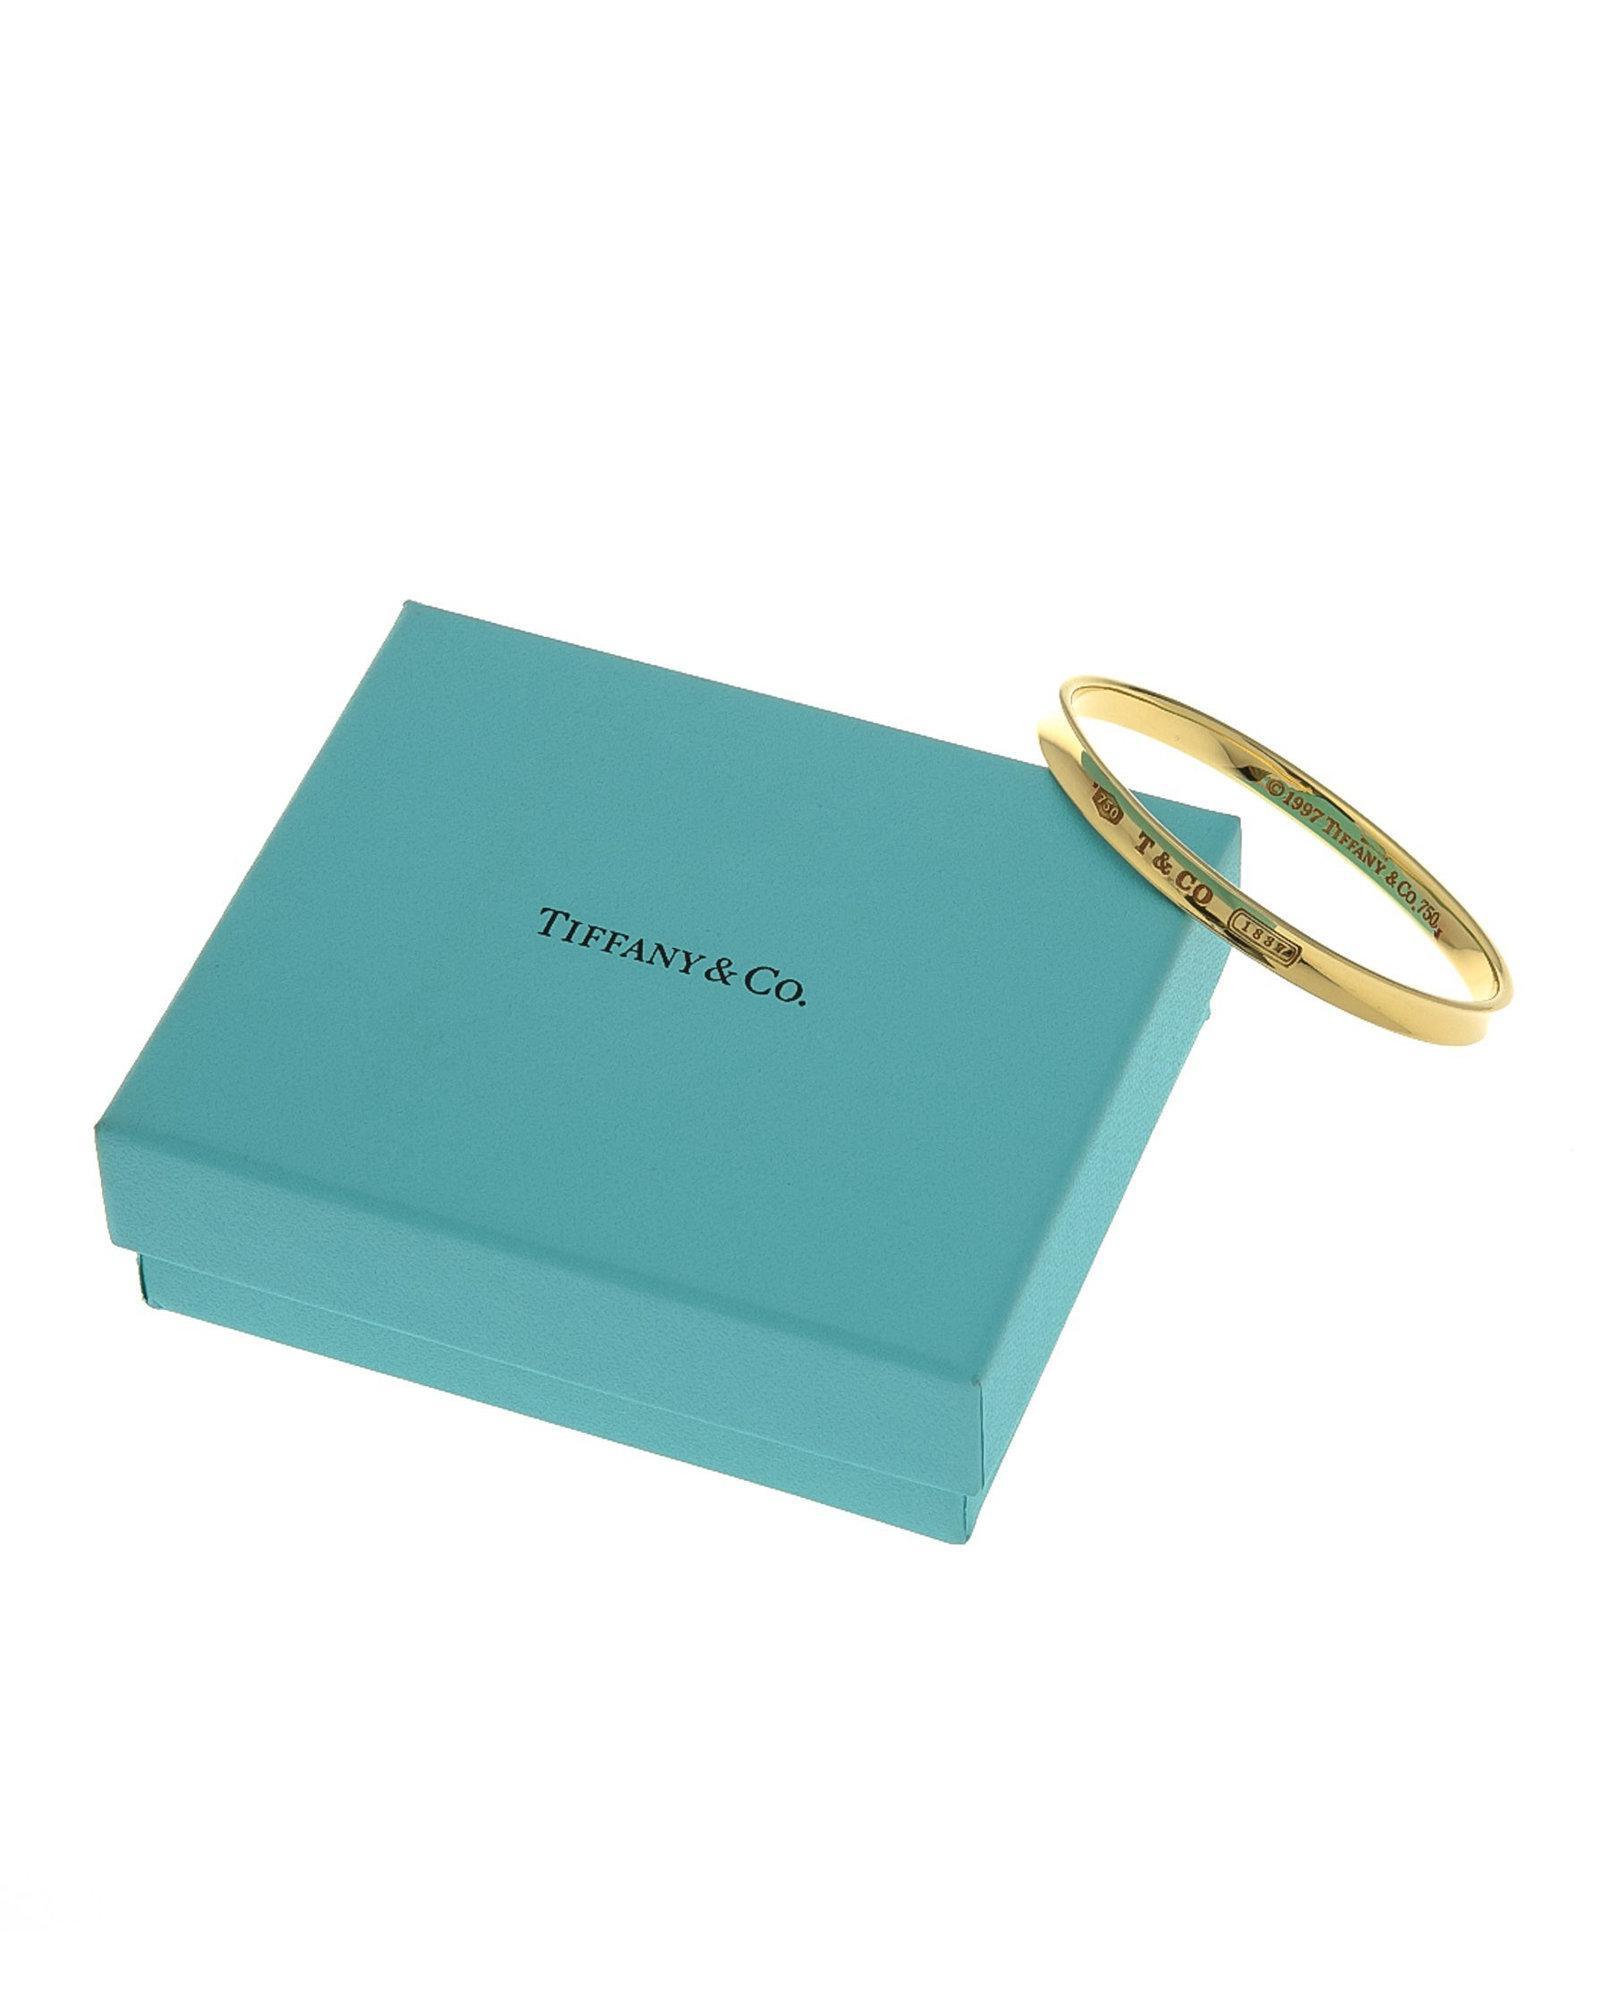 75dd09ad1 Tiffany & Co. 1837 Bangle - Vintage in Metallic - Lyst